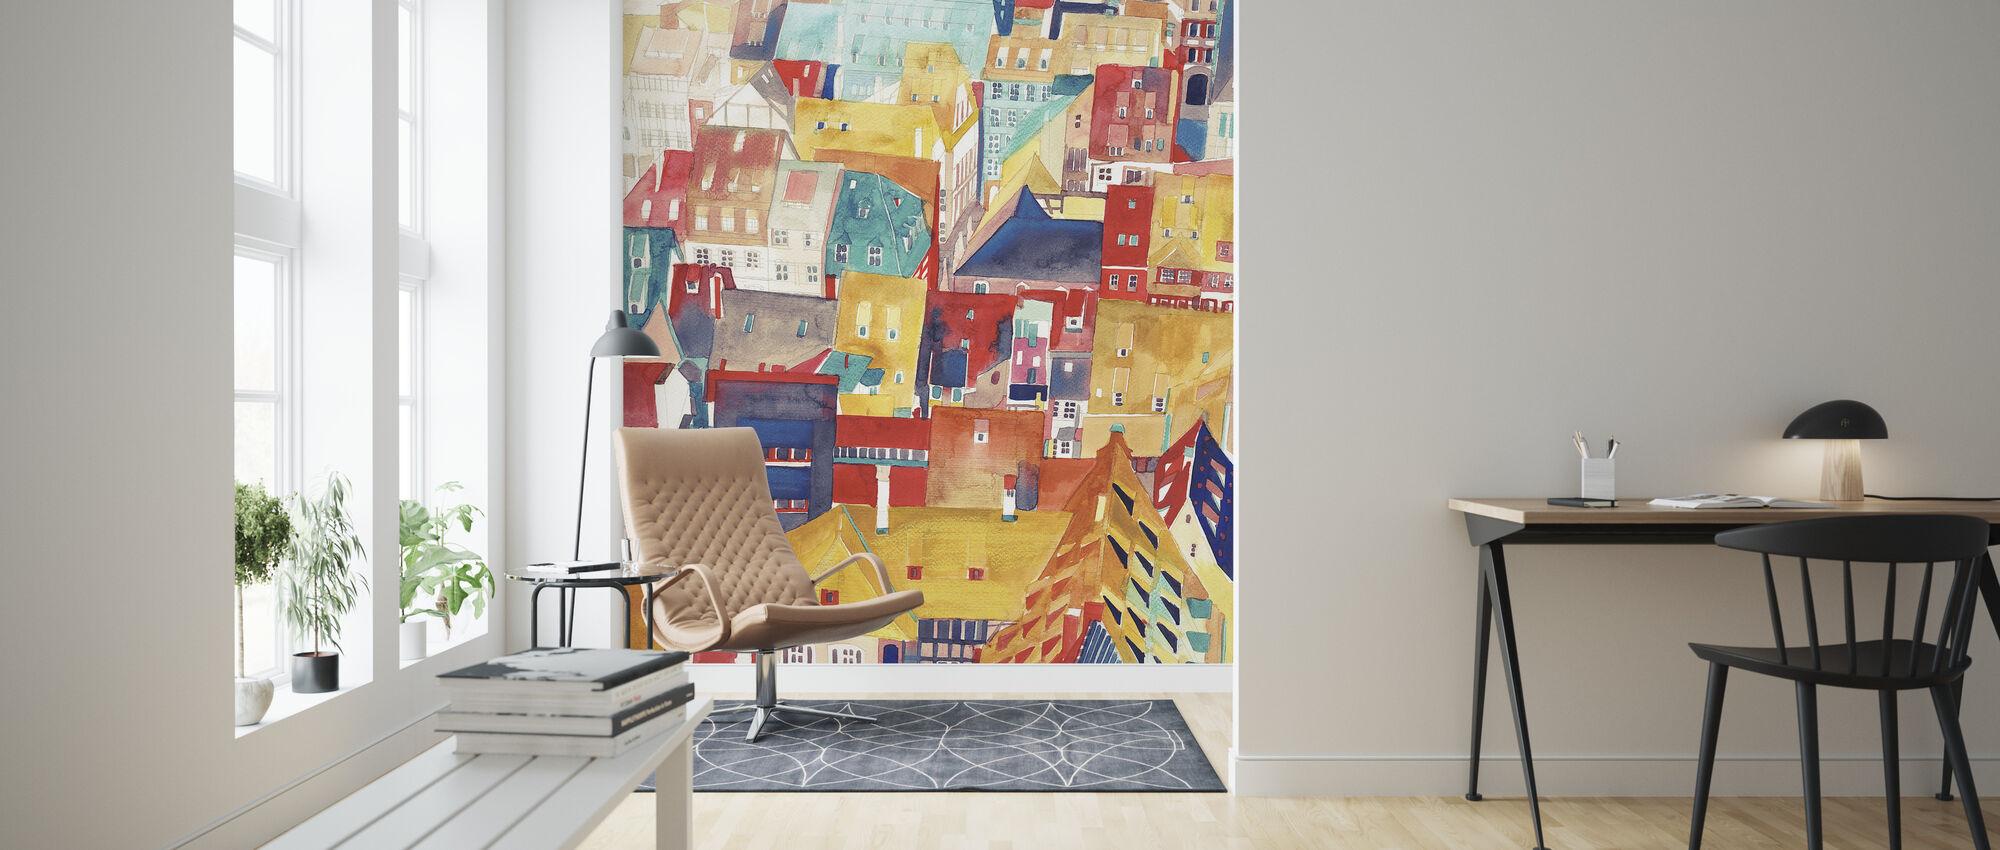 Strasbourg - Wallpaper - Living Room